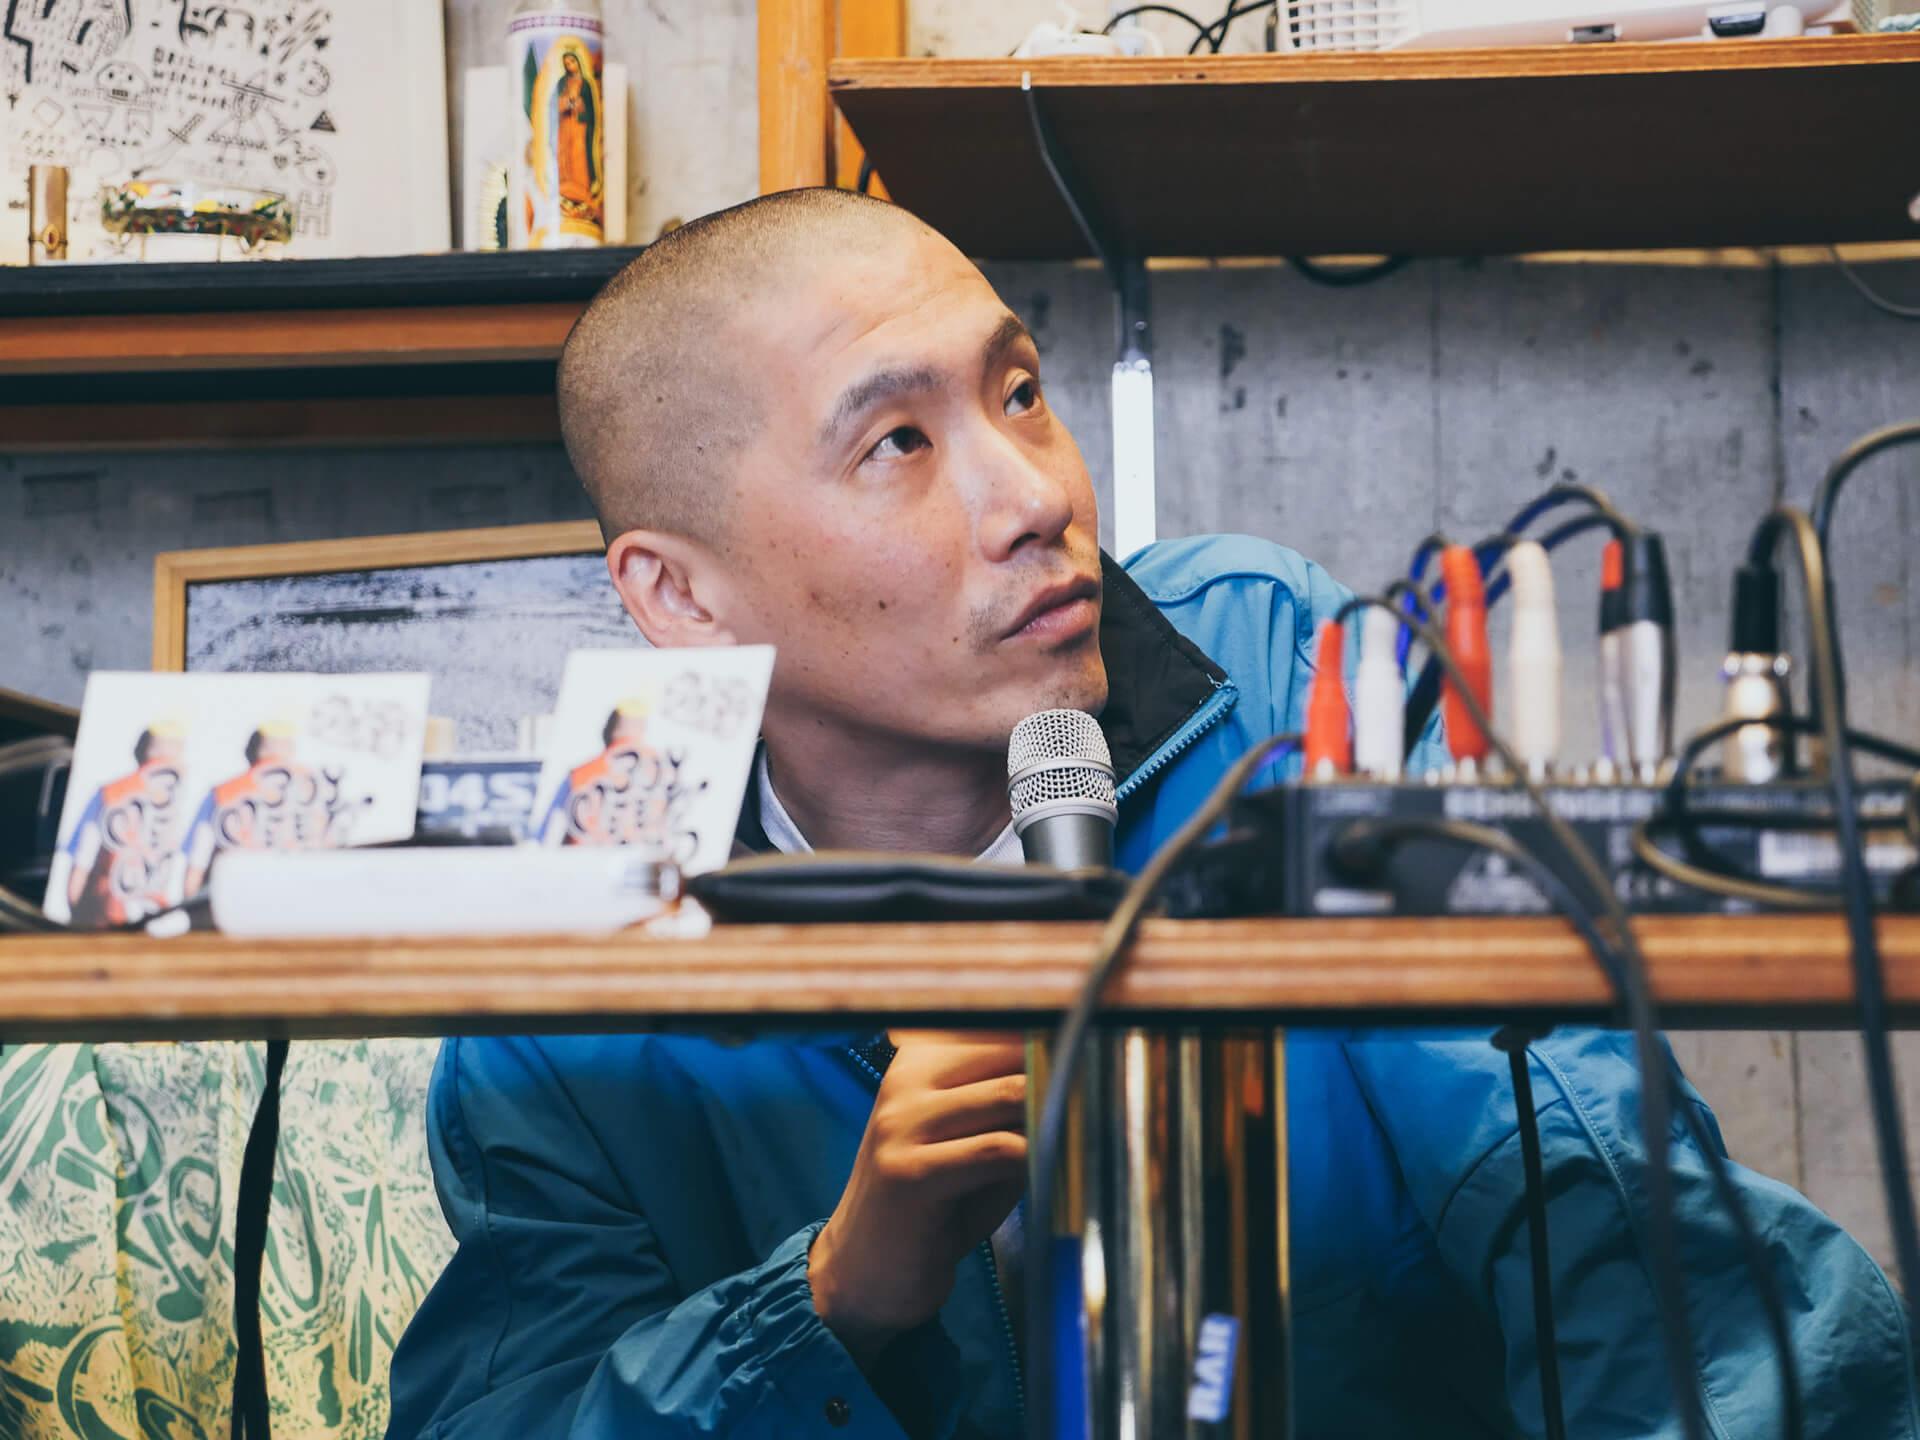 ビートは世界と出会う――BEAT MEETS WORLD x WANDERMAN POP UP in RAH YOKOHAMA REPORT interview-beat-meets-world-pop-up-report-25